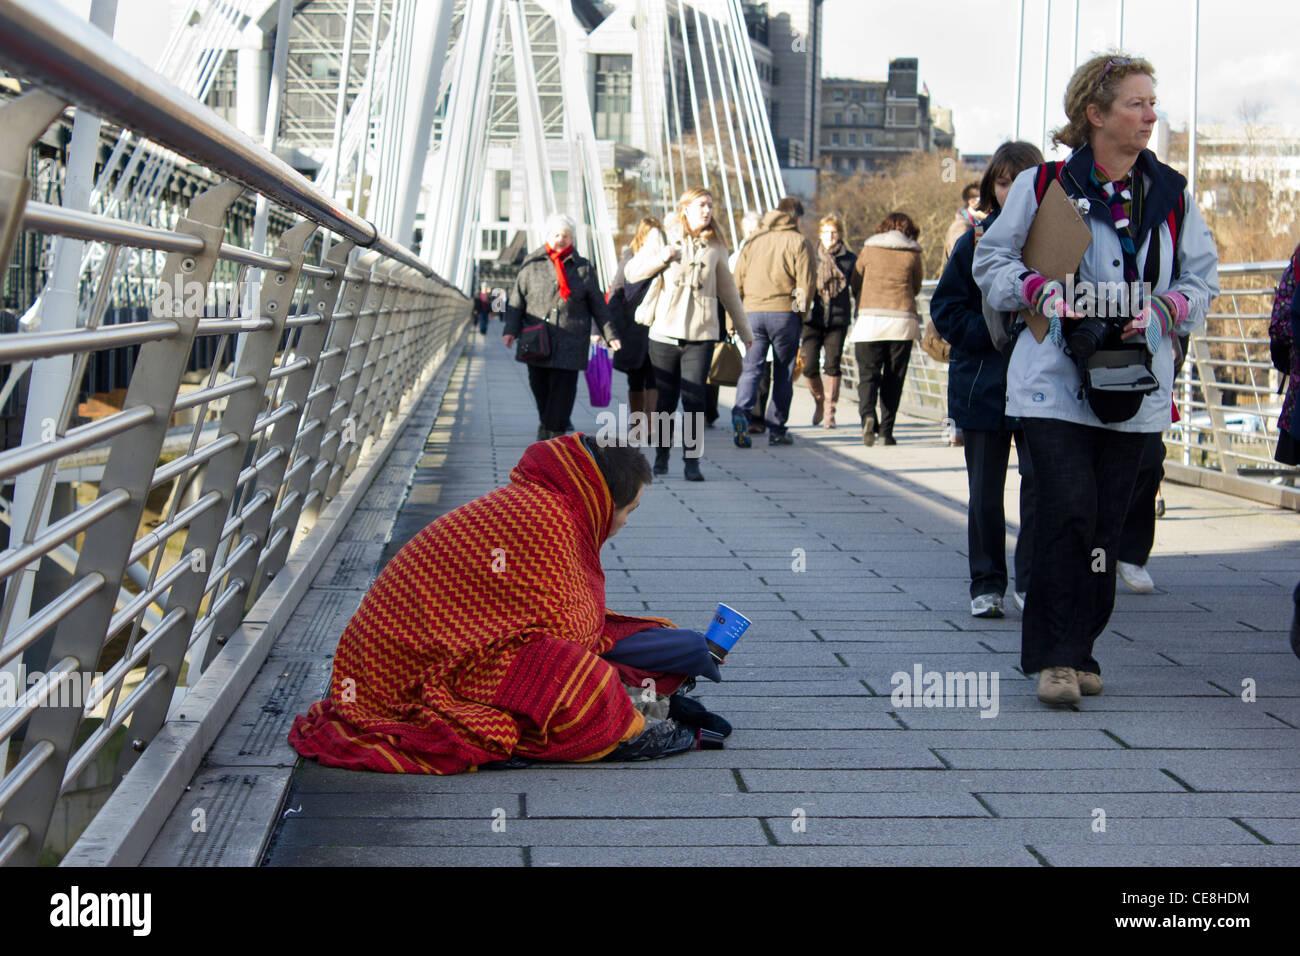 L'homme enveloppé dans le contrat cadre mendier dans Golden Jubilee Bridge, London, UK Photo Stock